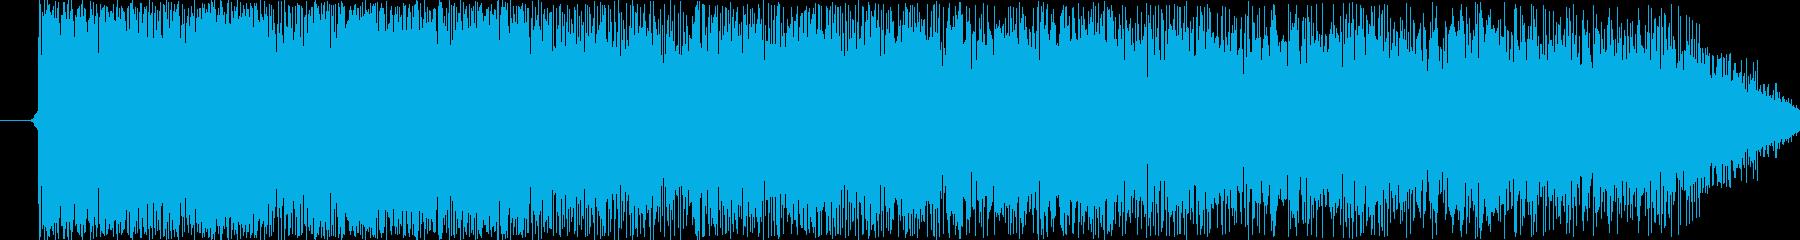 【アプリ/スワイプ/爽快/しゃば~ん】の再生済みの波形